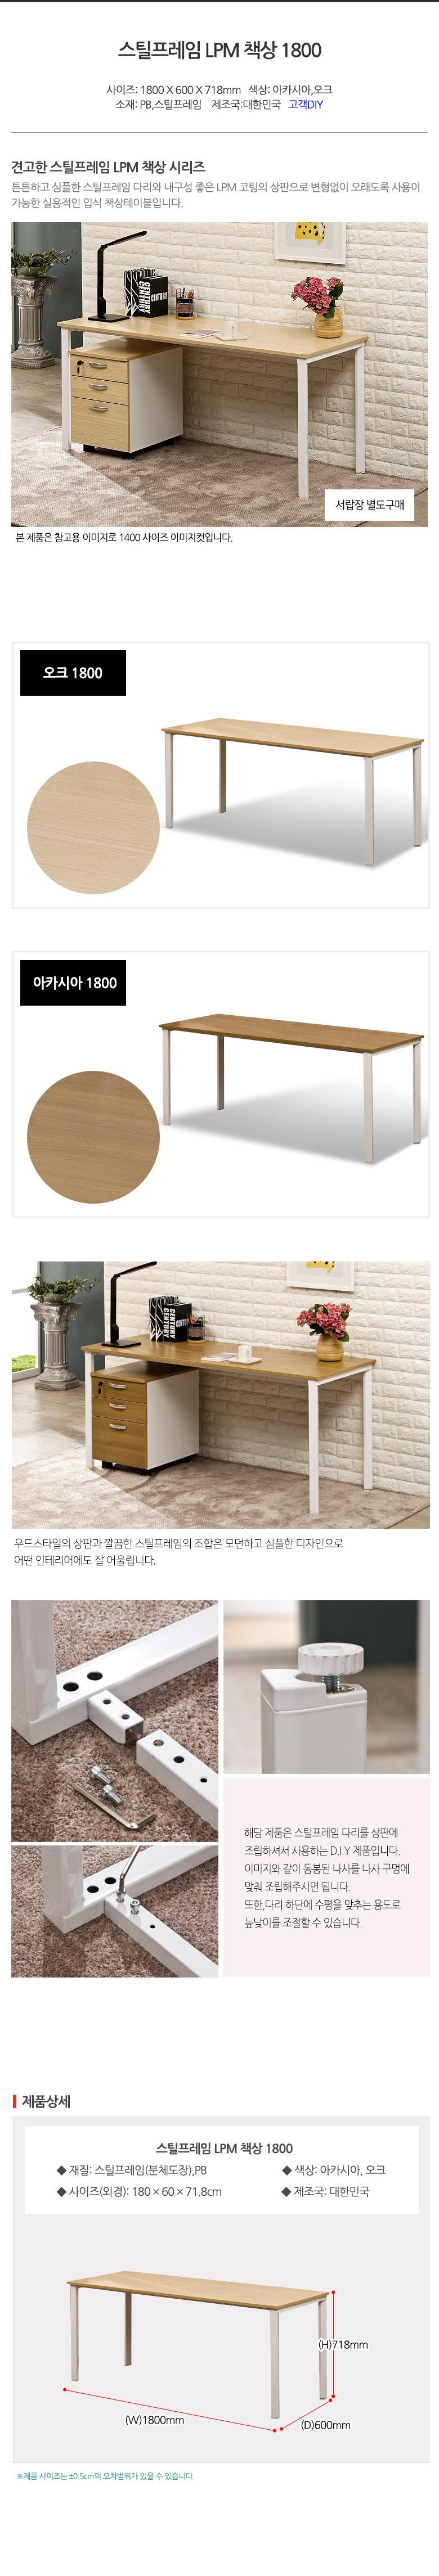 스틸프레임 LPM 책상 1800x600 - 포메리트, 259,000원, 책상/의자, 일반 책상